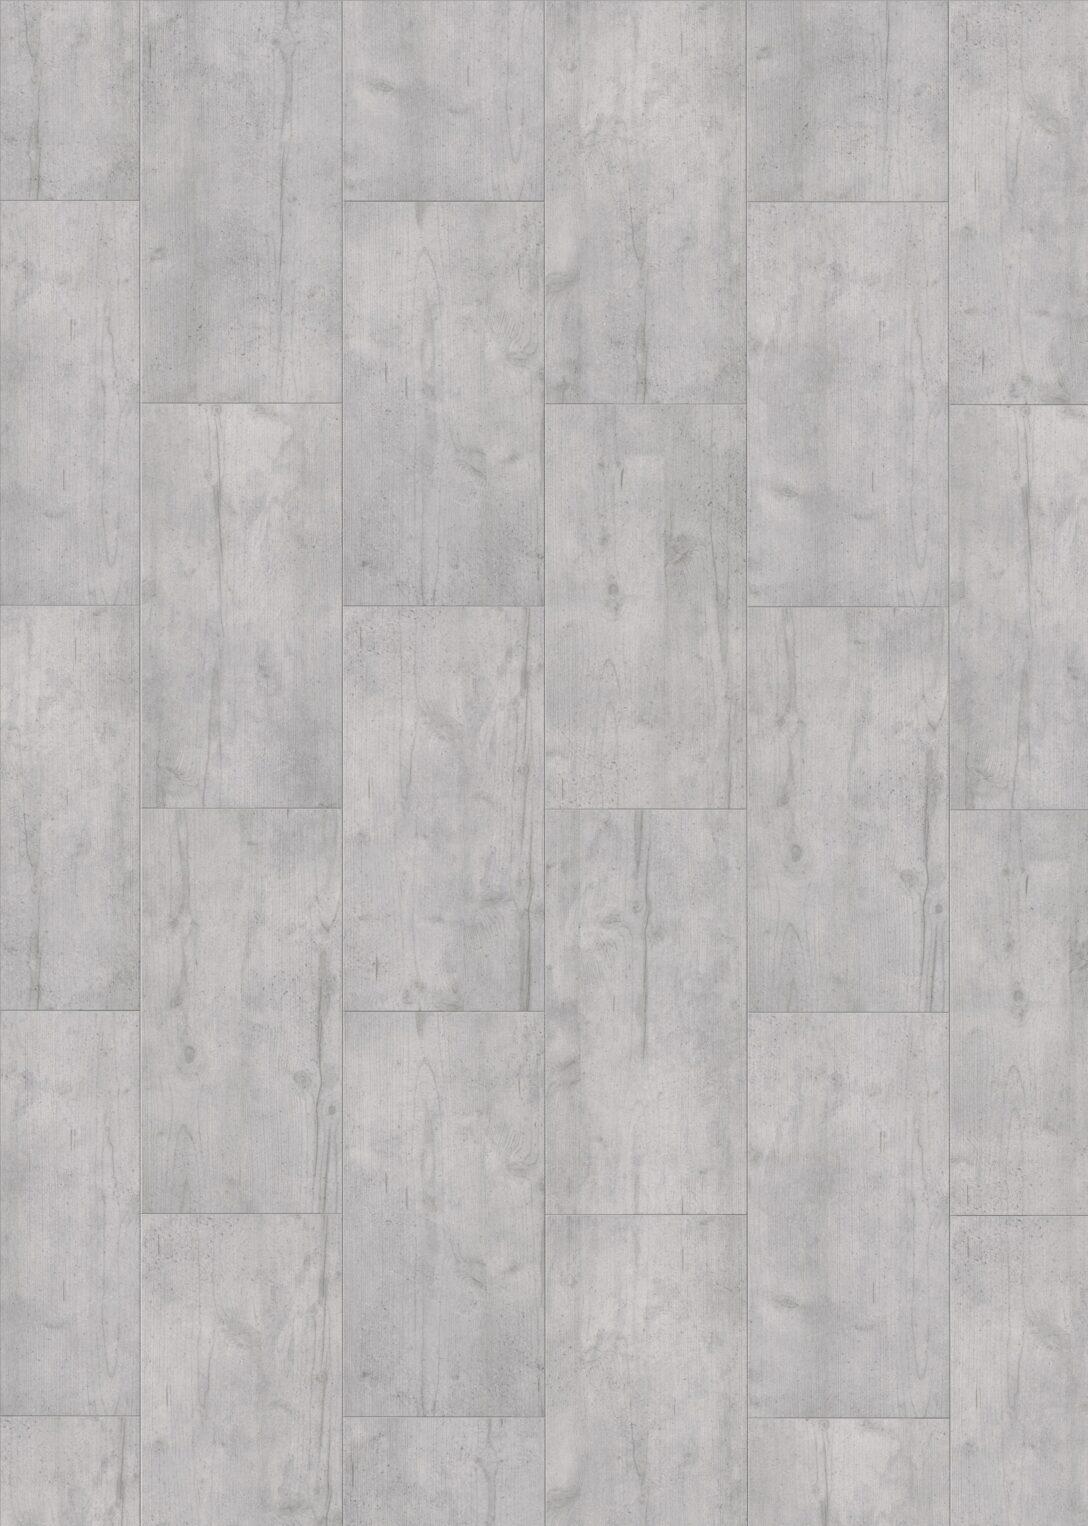 Large Size of Küche Hochglanz Fliesen Für Ohne Elektrogeräte Pendelleuchten Kurzzeitmesser Landhaus Betonoptik Thekentisch Mit Tresen Sideboard Sitzgruppe Billig Kaufen Wohnzimmer Küche Betonoptik Holzboden